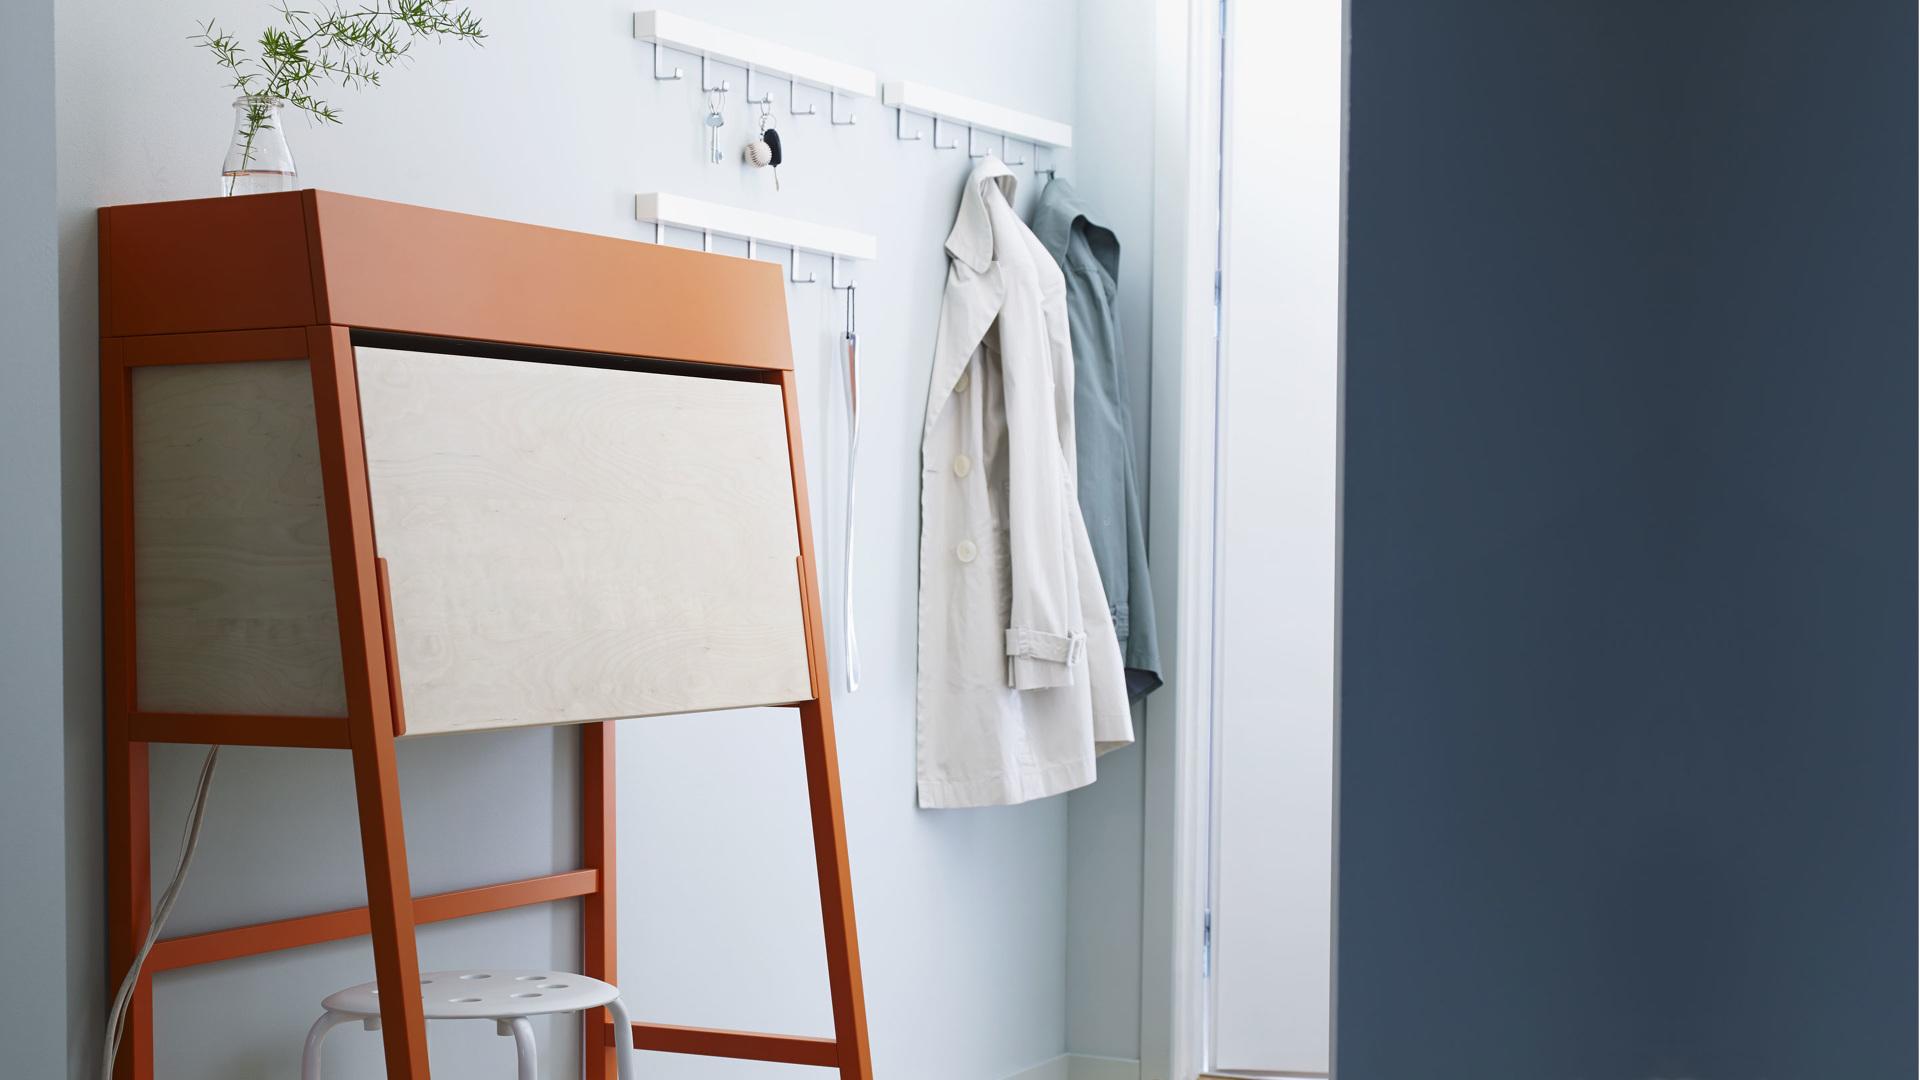 Bureau ovale ikea ikea desk furniture u duniversity idee